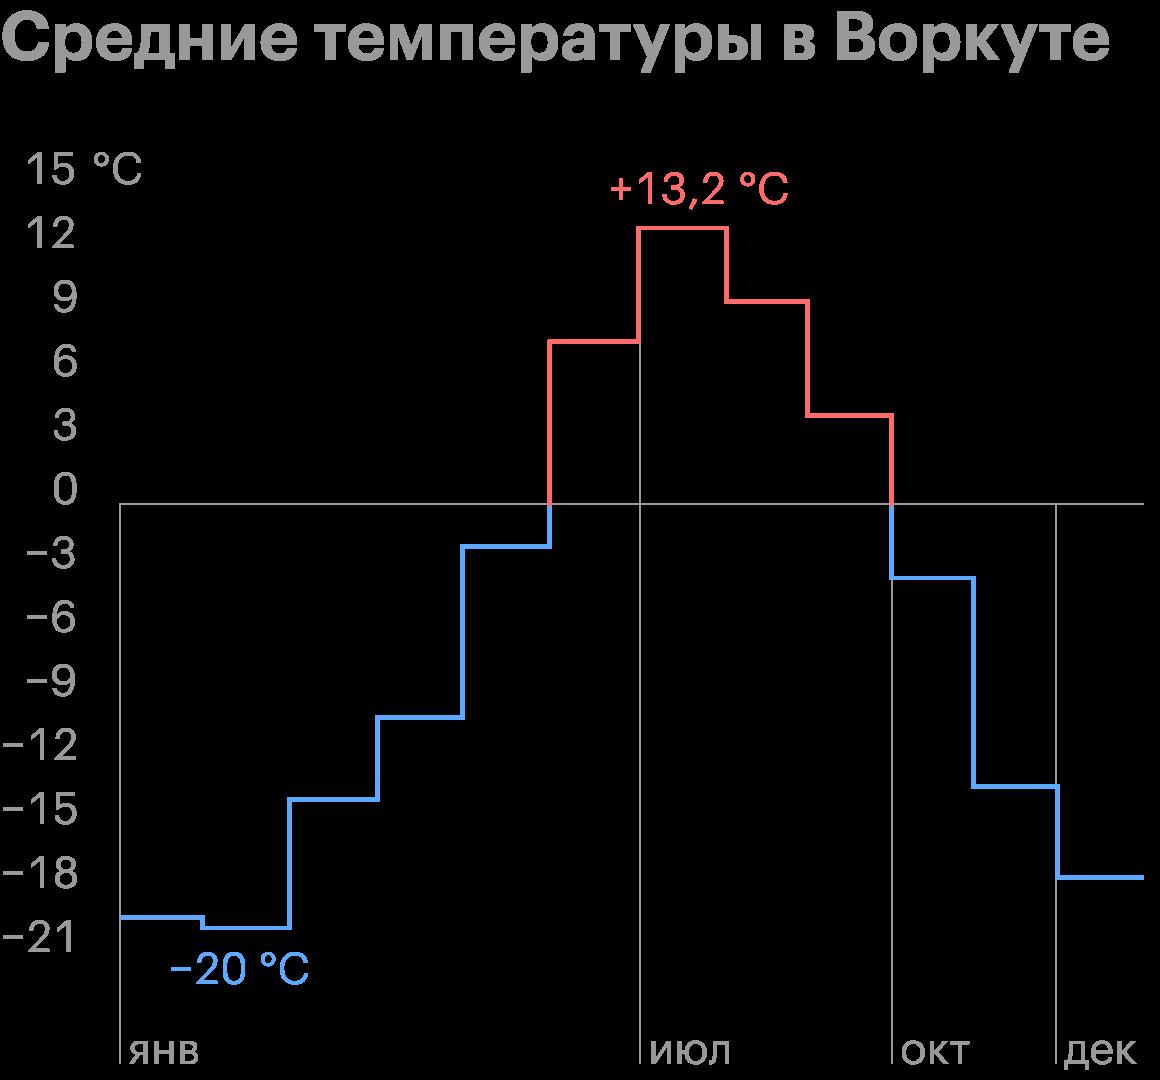 Средние температуры по месяцам в Воркуте. Источник: Гидрометцентр